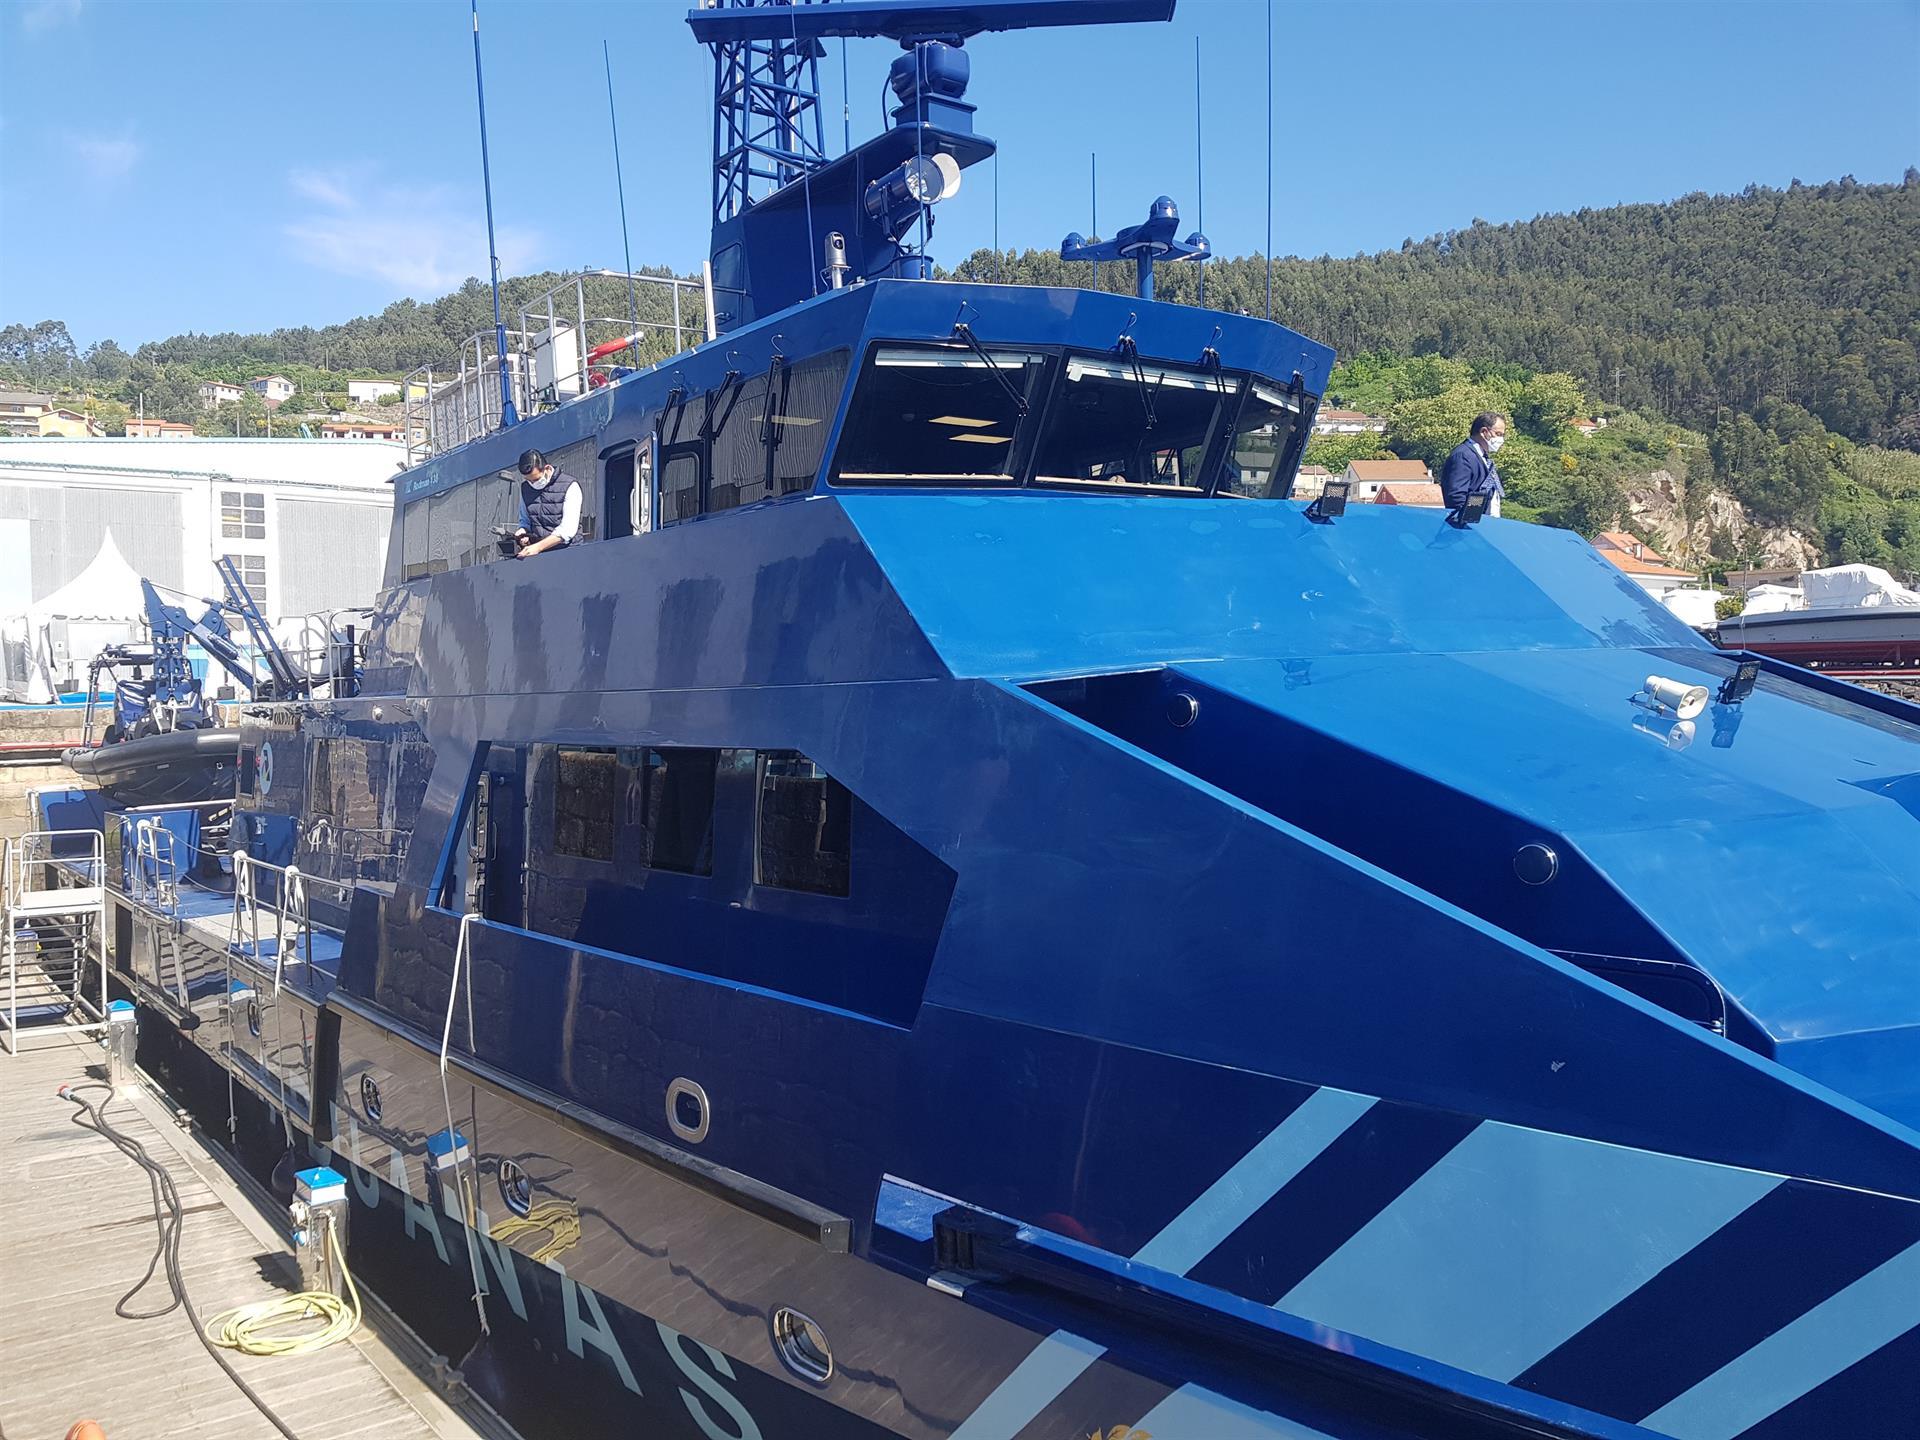 El nuevo patrullero polivalente de la Agencia Tributaria, 'Condor', construido en el astillero Rodman - EP